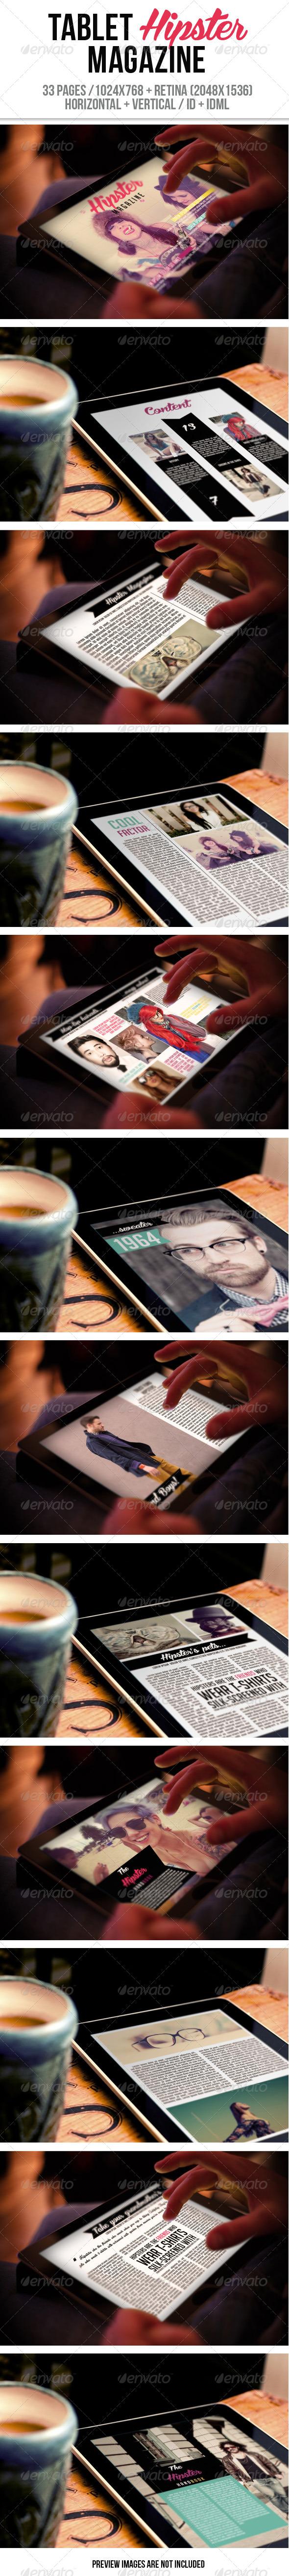 iPad & Tablet Hipster Magazine - Digital Magazines ePublishing